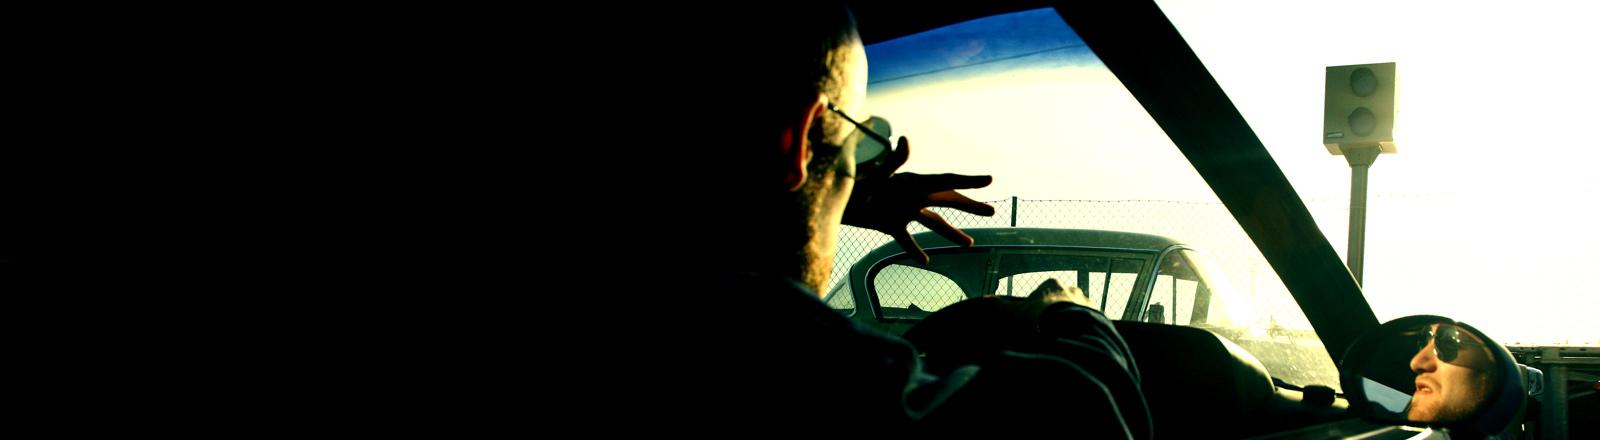 Ein Mann im Auto regt sich über eine Blitze auf.